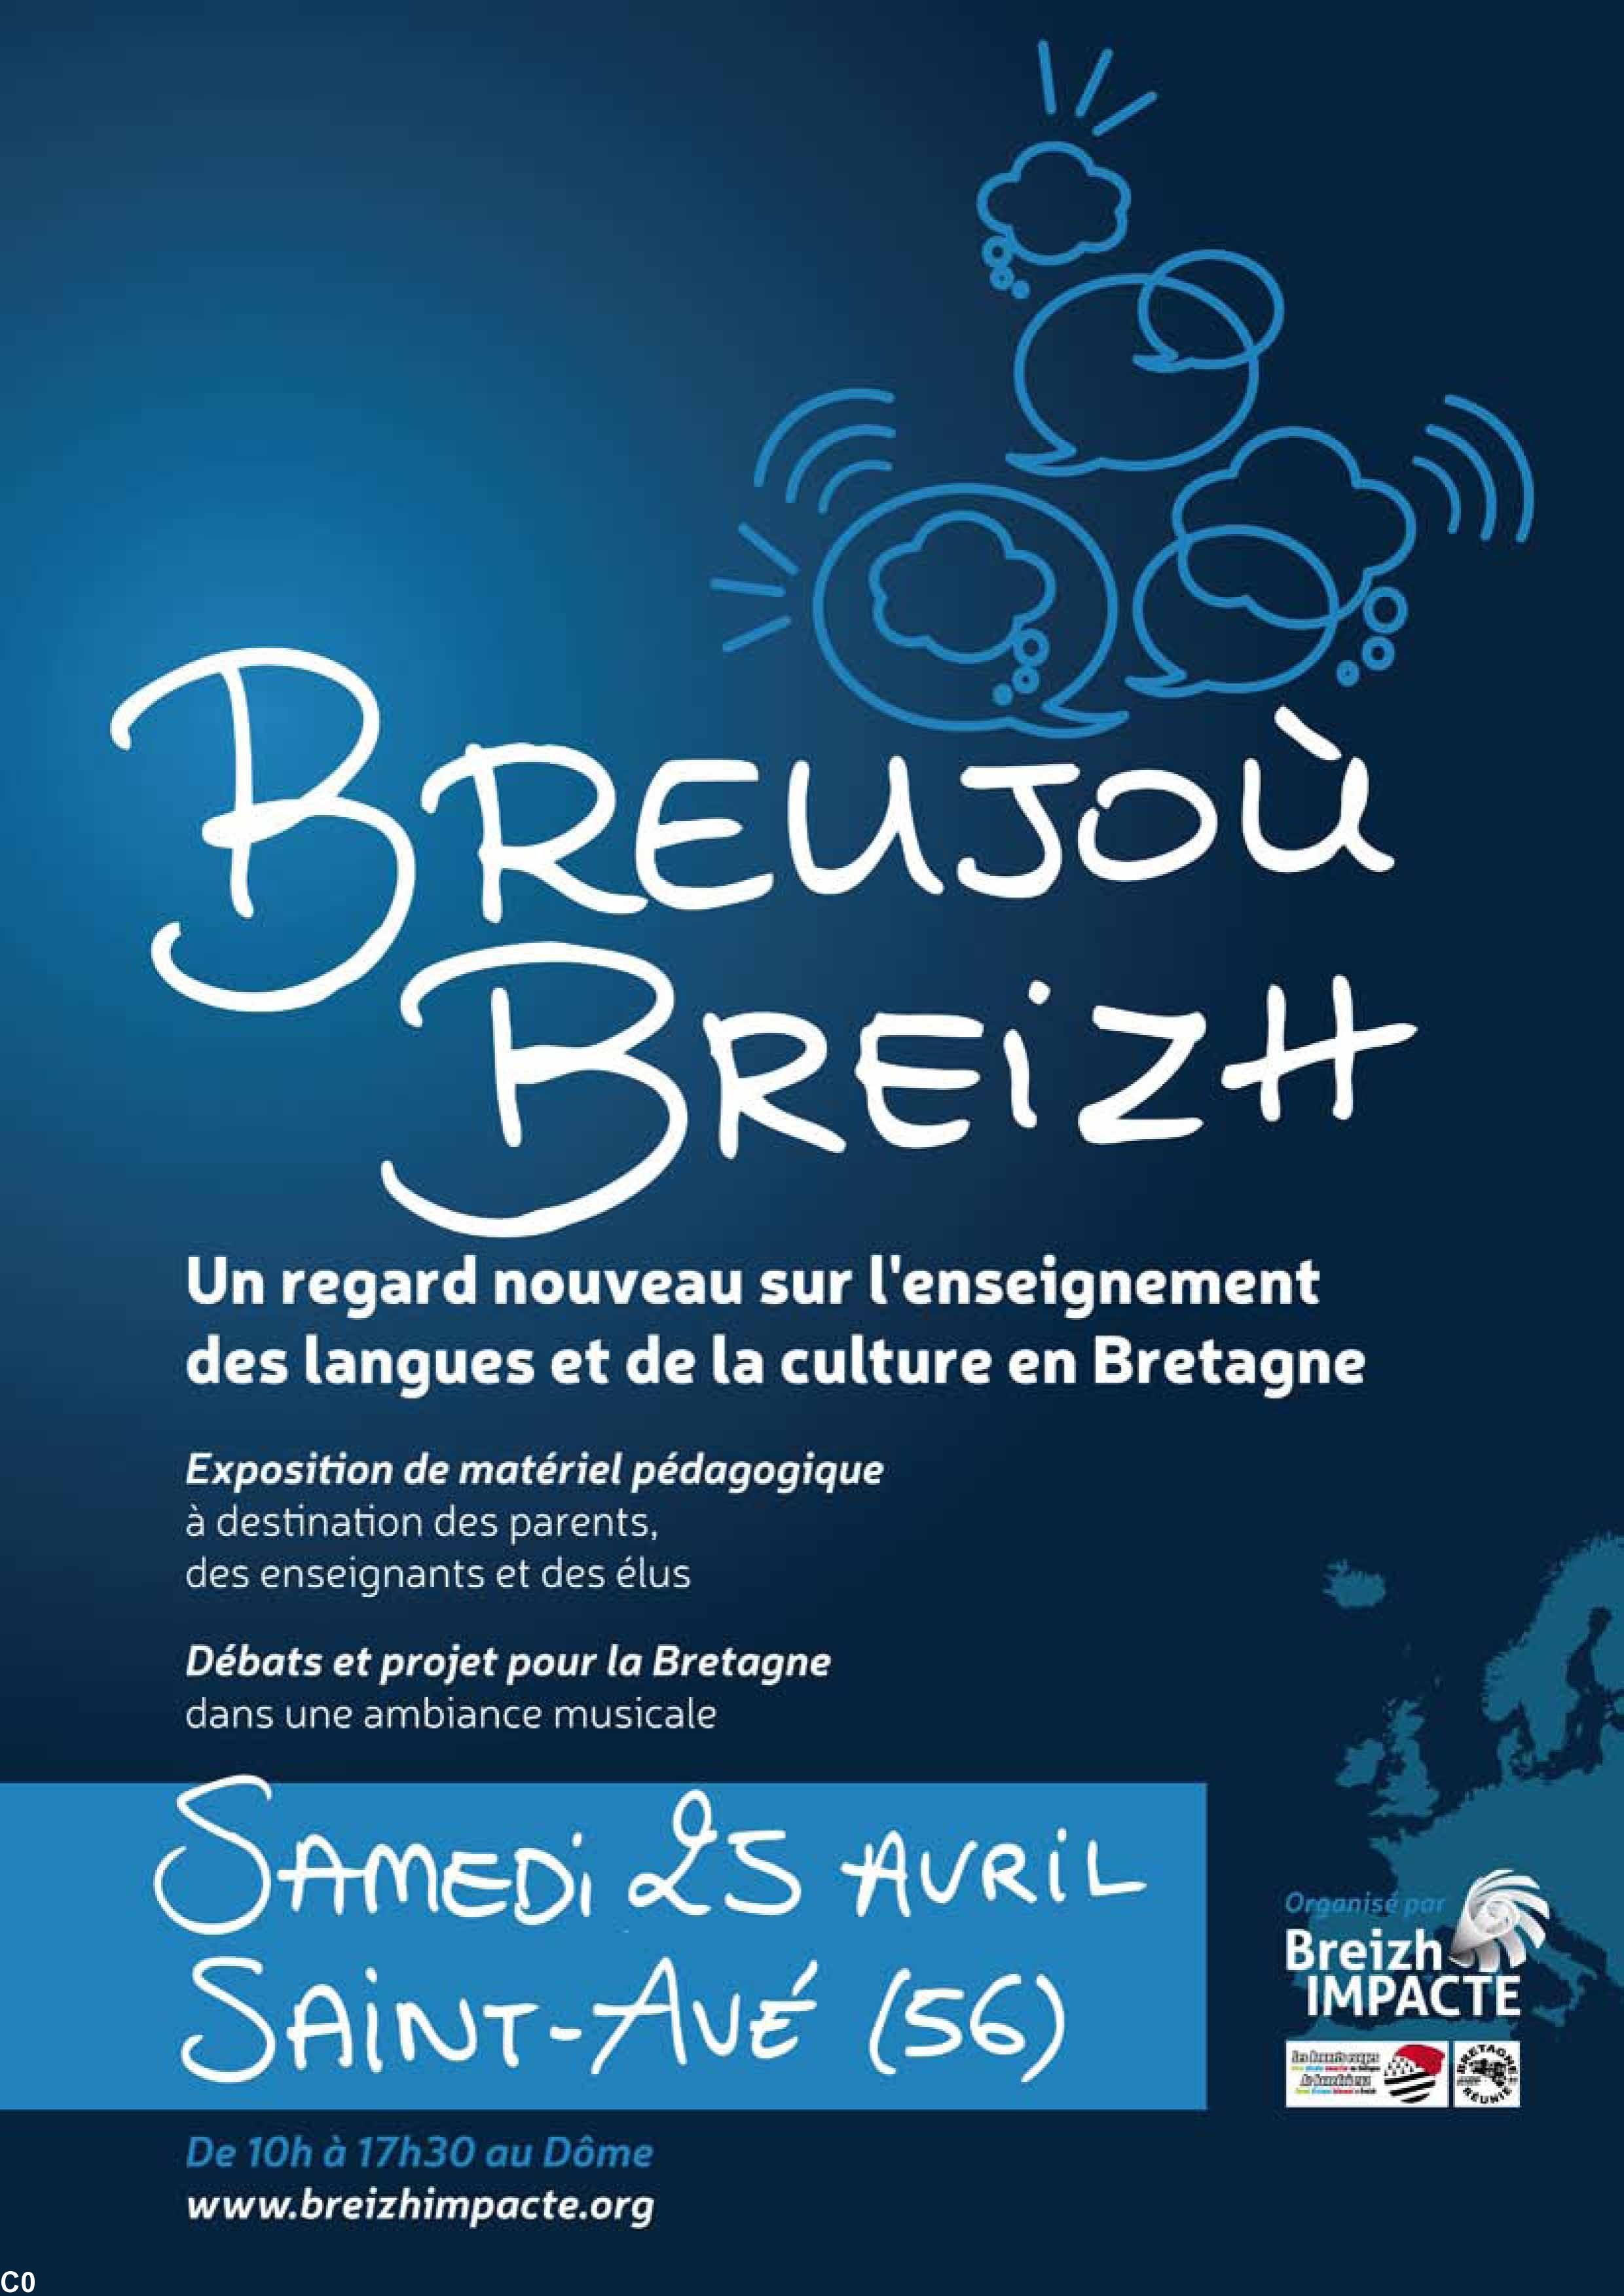 Breujoù Breizh État généraux des langues